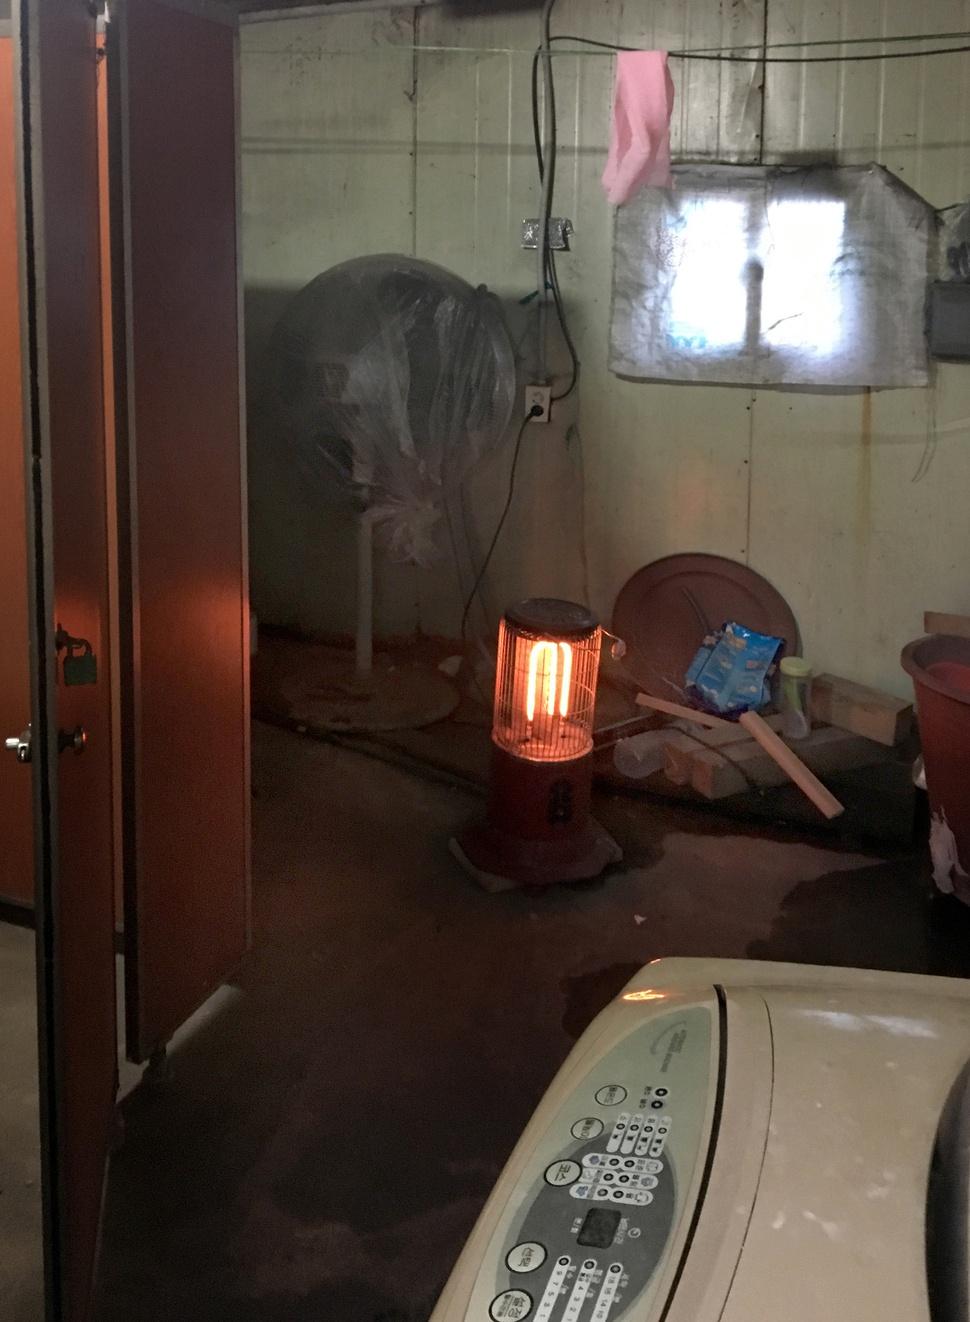 2003년 11월 강제단속 과정에서 우즈베키스탄인 부르혼이 목을 맨 인천의 한 목재공장 화장실. 15년의 시간이 흘렀지만 화장실은 그때 그 모습 그대로 남루하다. 이문영 기자